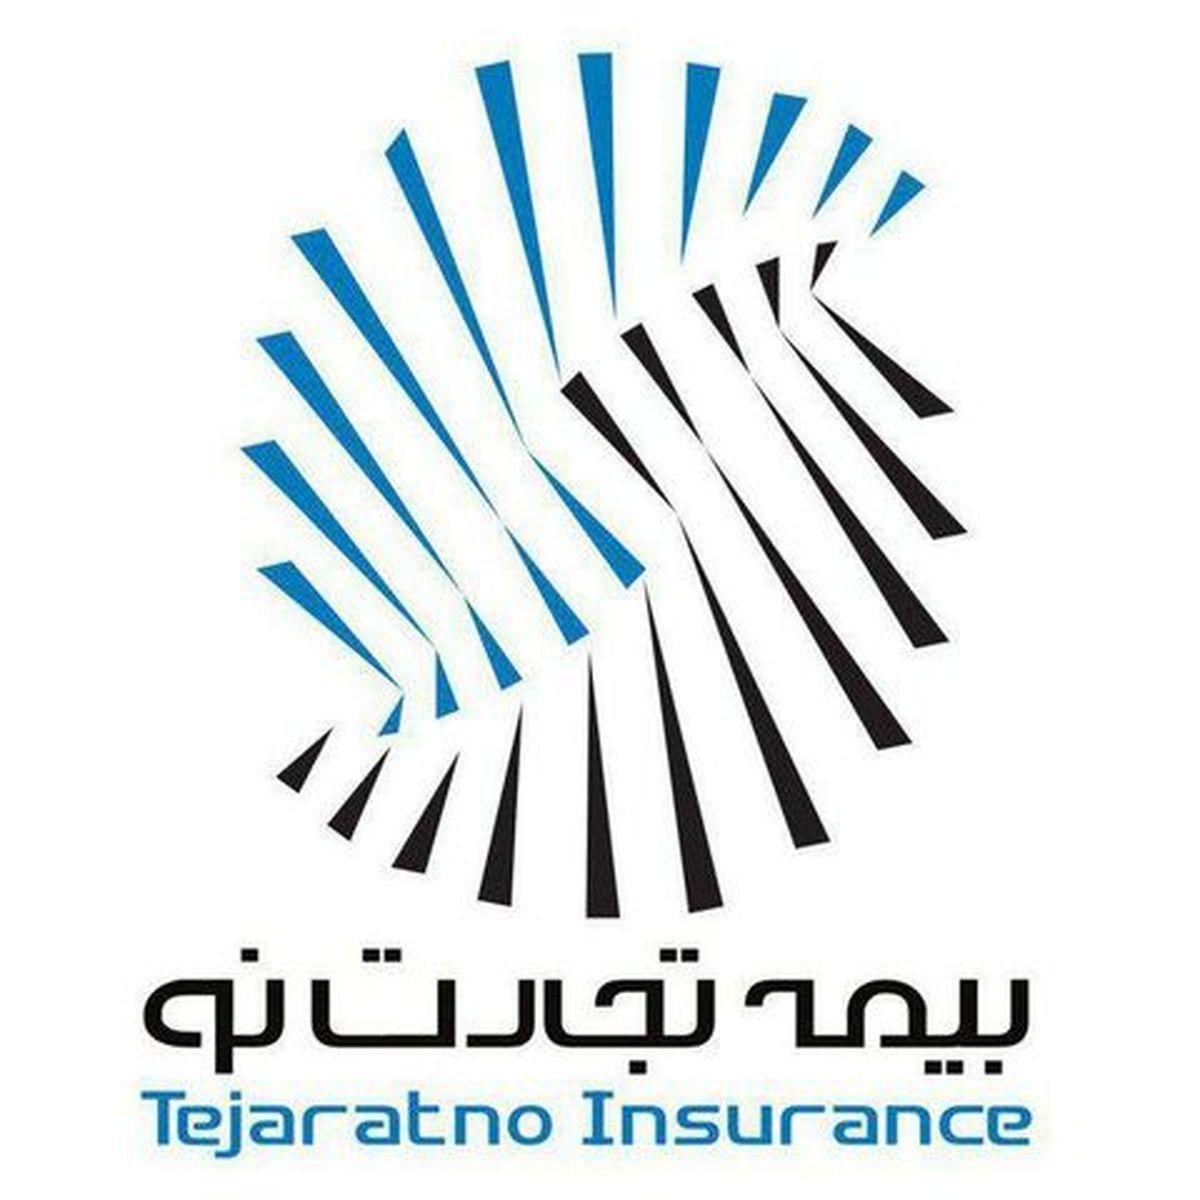 فروش ۴۷۳ میلیارد تومانی بیمه تجارتنو